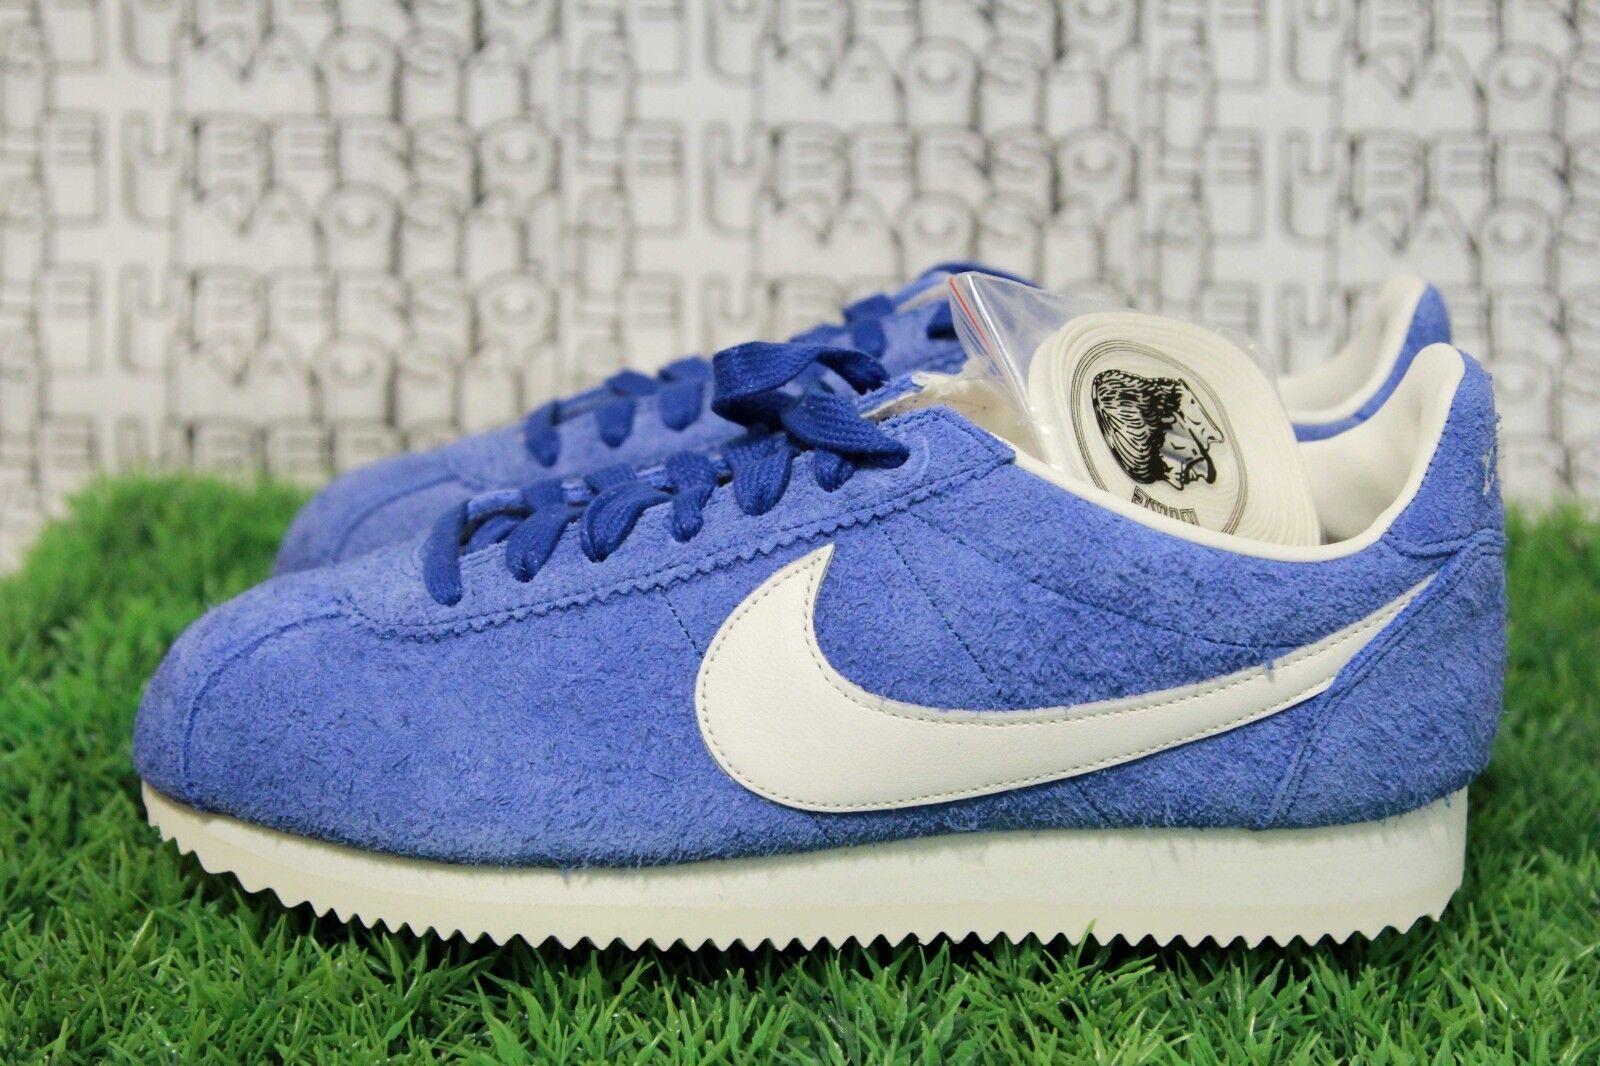 Nike Classic Cortez KM QS blueee Suede PRM White og 943088 400 MEN 8,Women 9.5